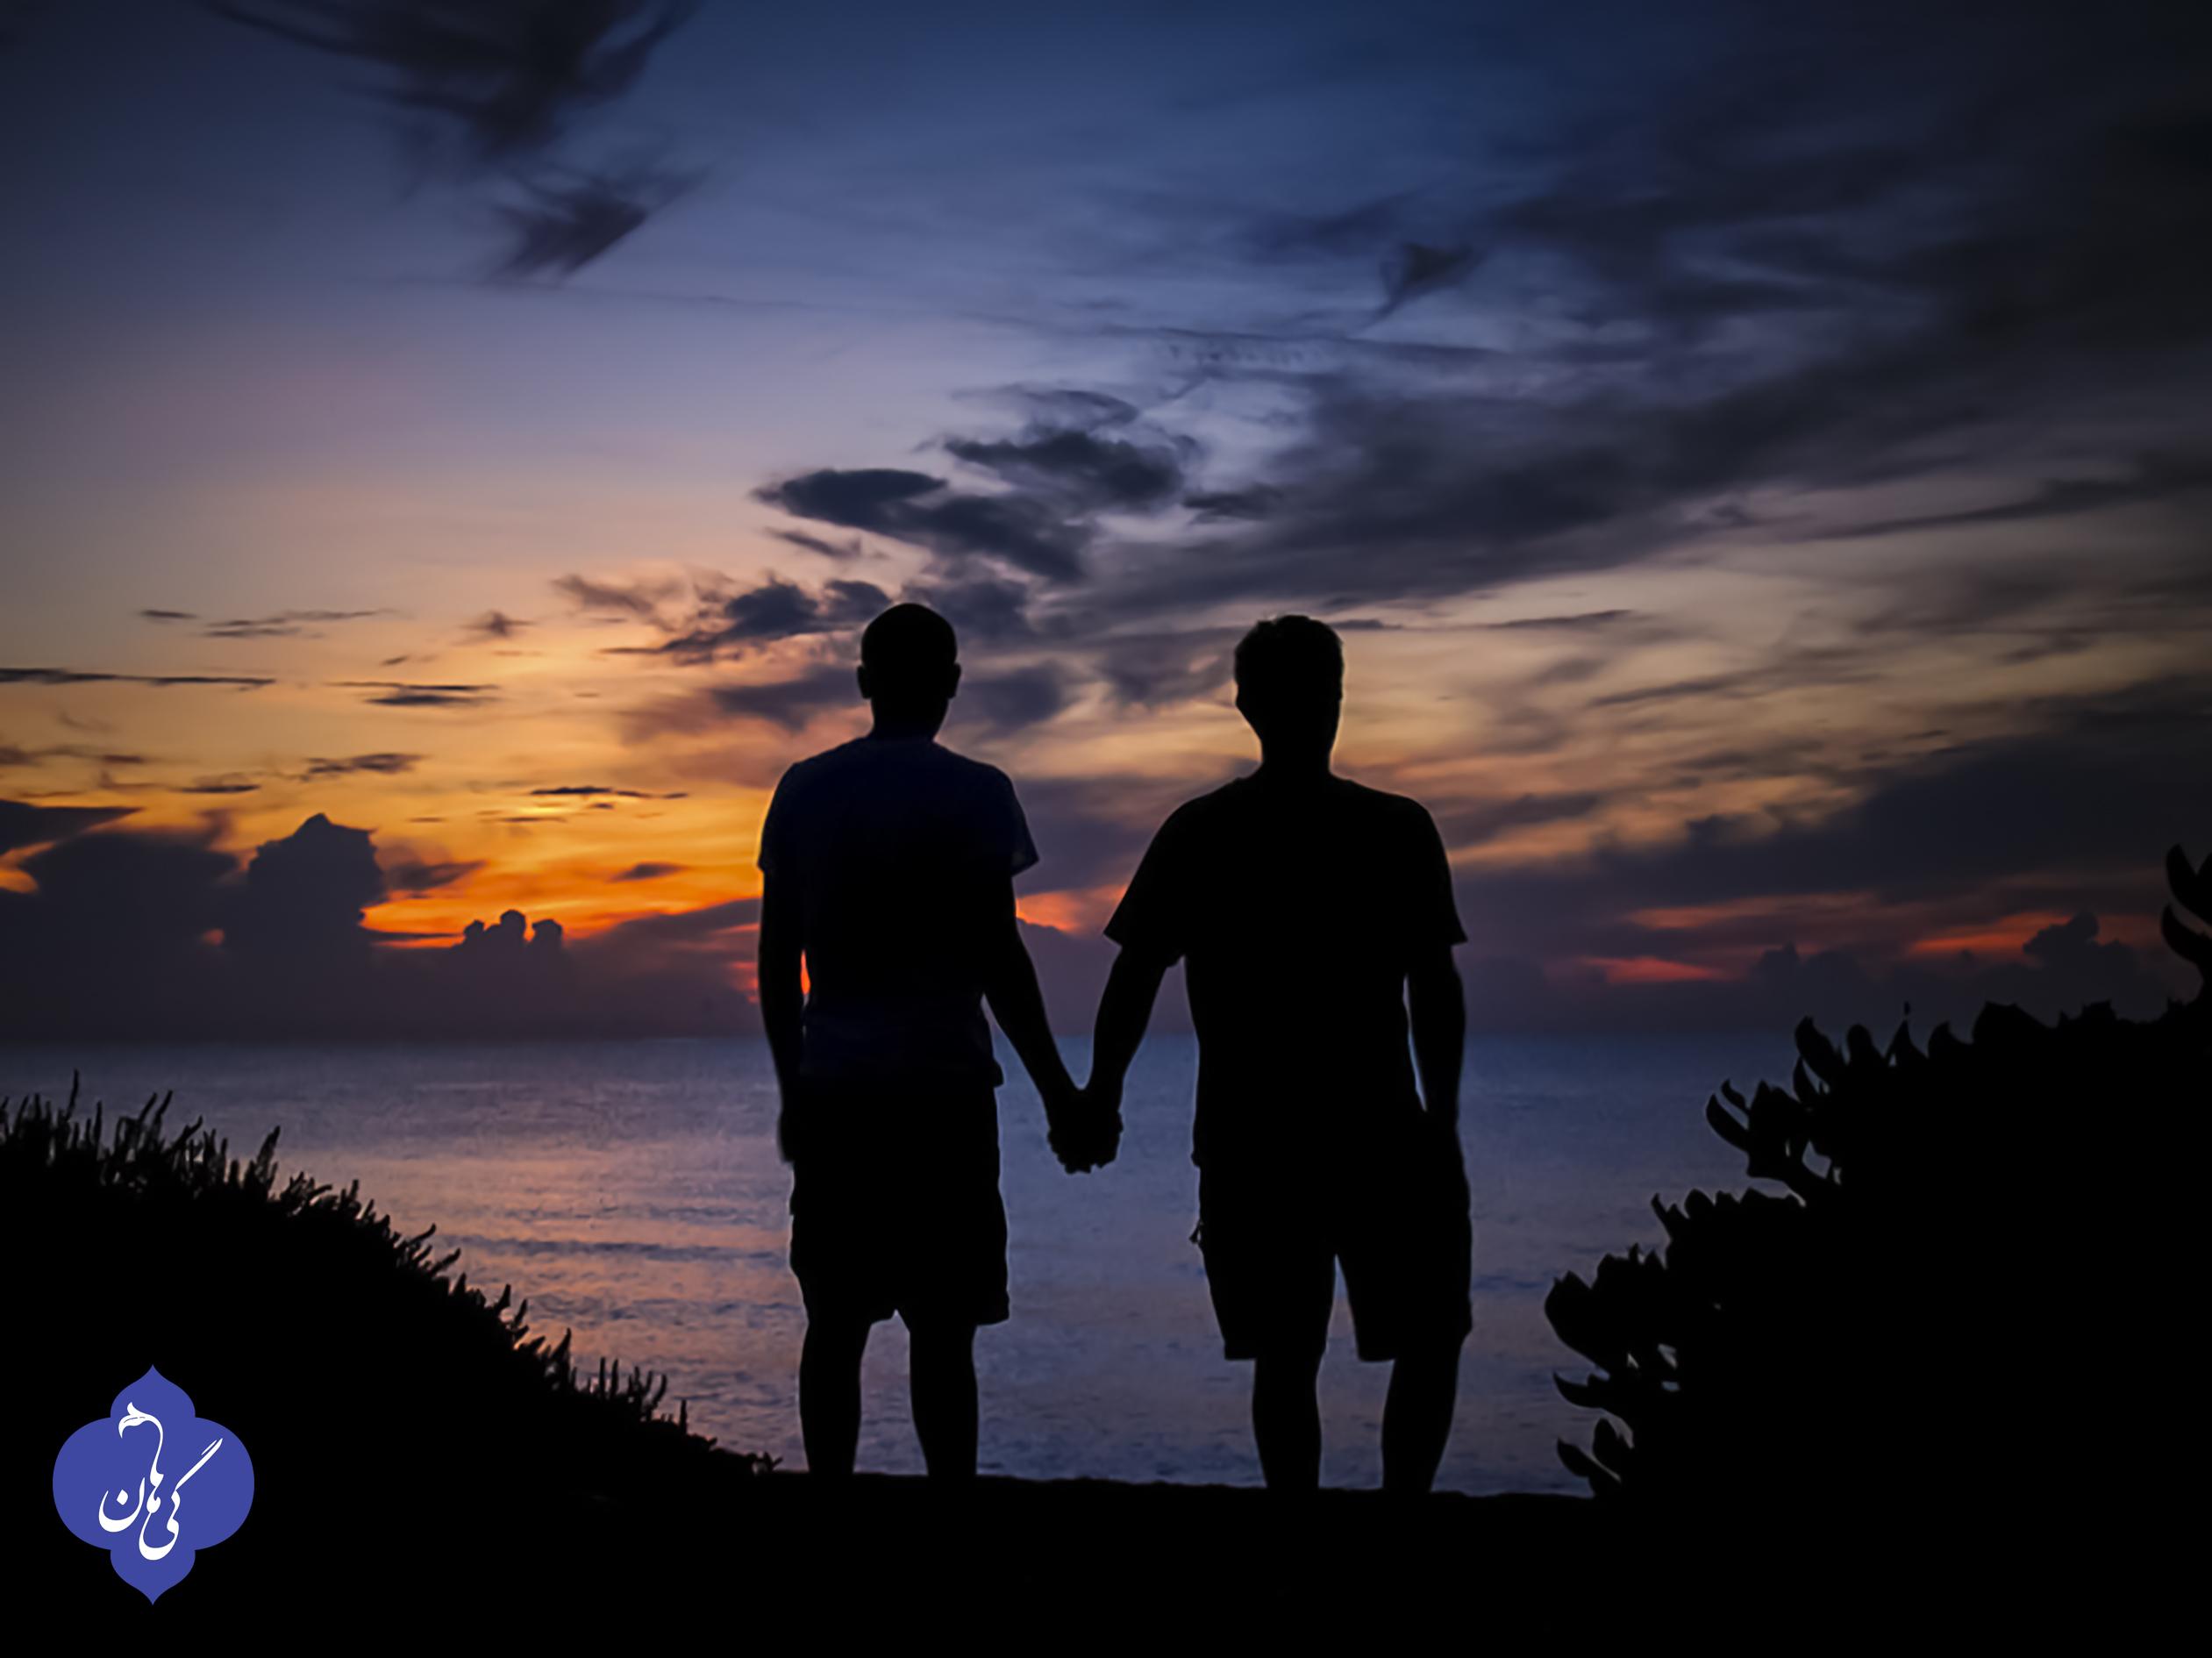 توصيه هايي براي داشتن رابطه ي موفق براي زوج هاي همجنسگرا